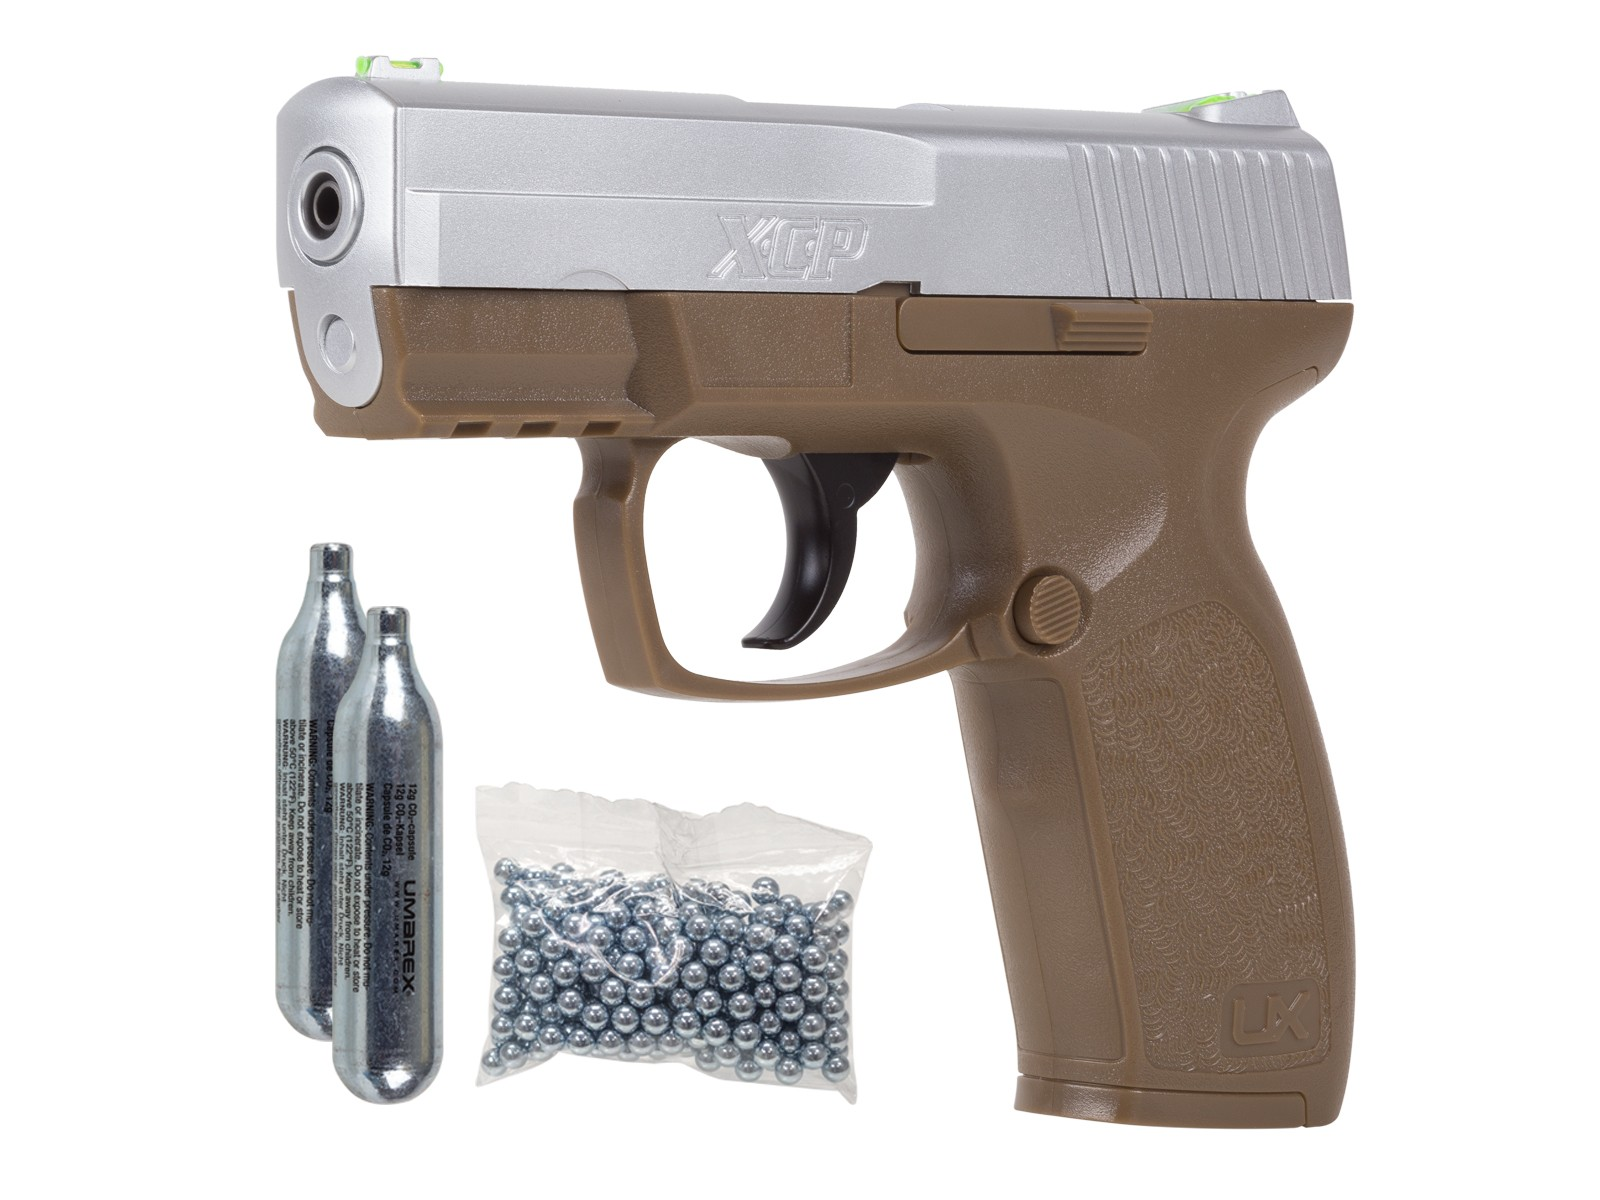 Umarex XCP Air Pistol Kit, Two-Tone 0.177